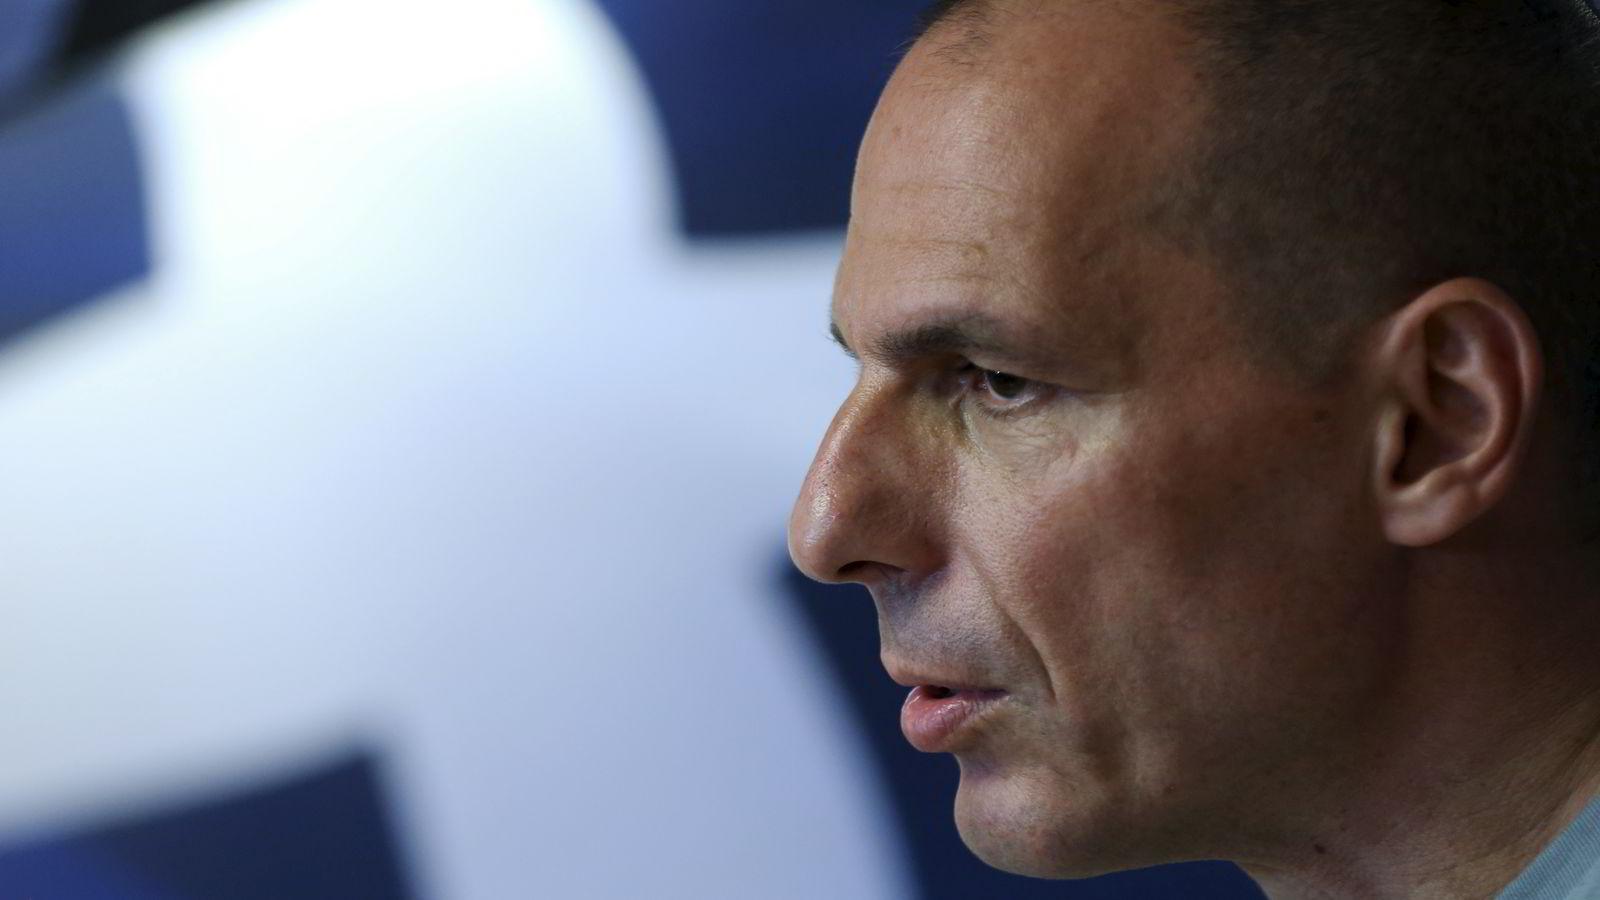 TREKKER SEG. Hellas' finansminister Yanis Varoufakis like etter folkeavstemningen søndag. Mandag morgen meldte han sin avgang. FOTO: Alkis Konstantinidis/Reuters/NTB Scanpix